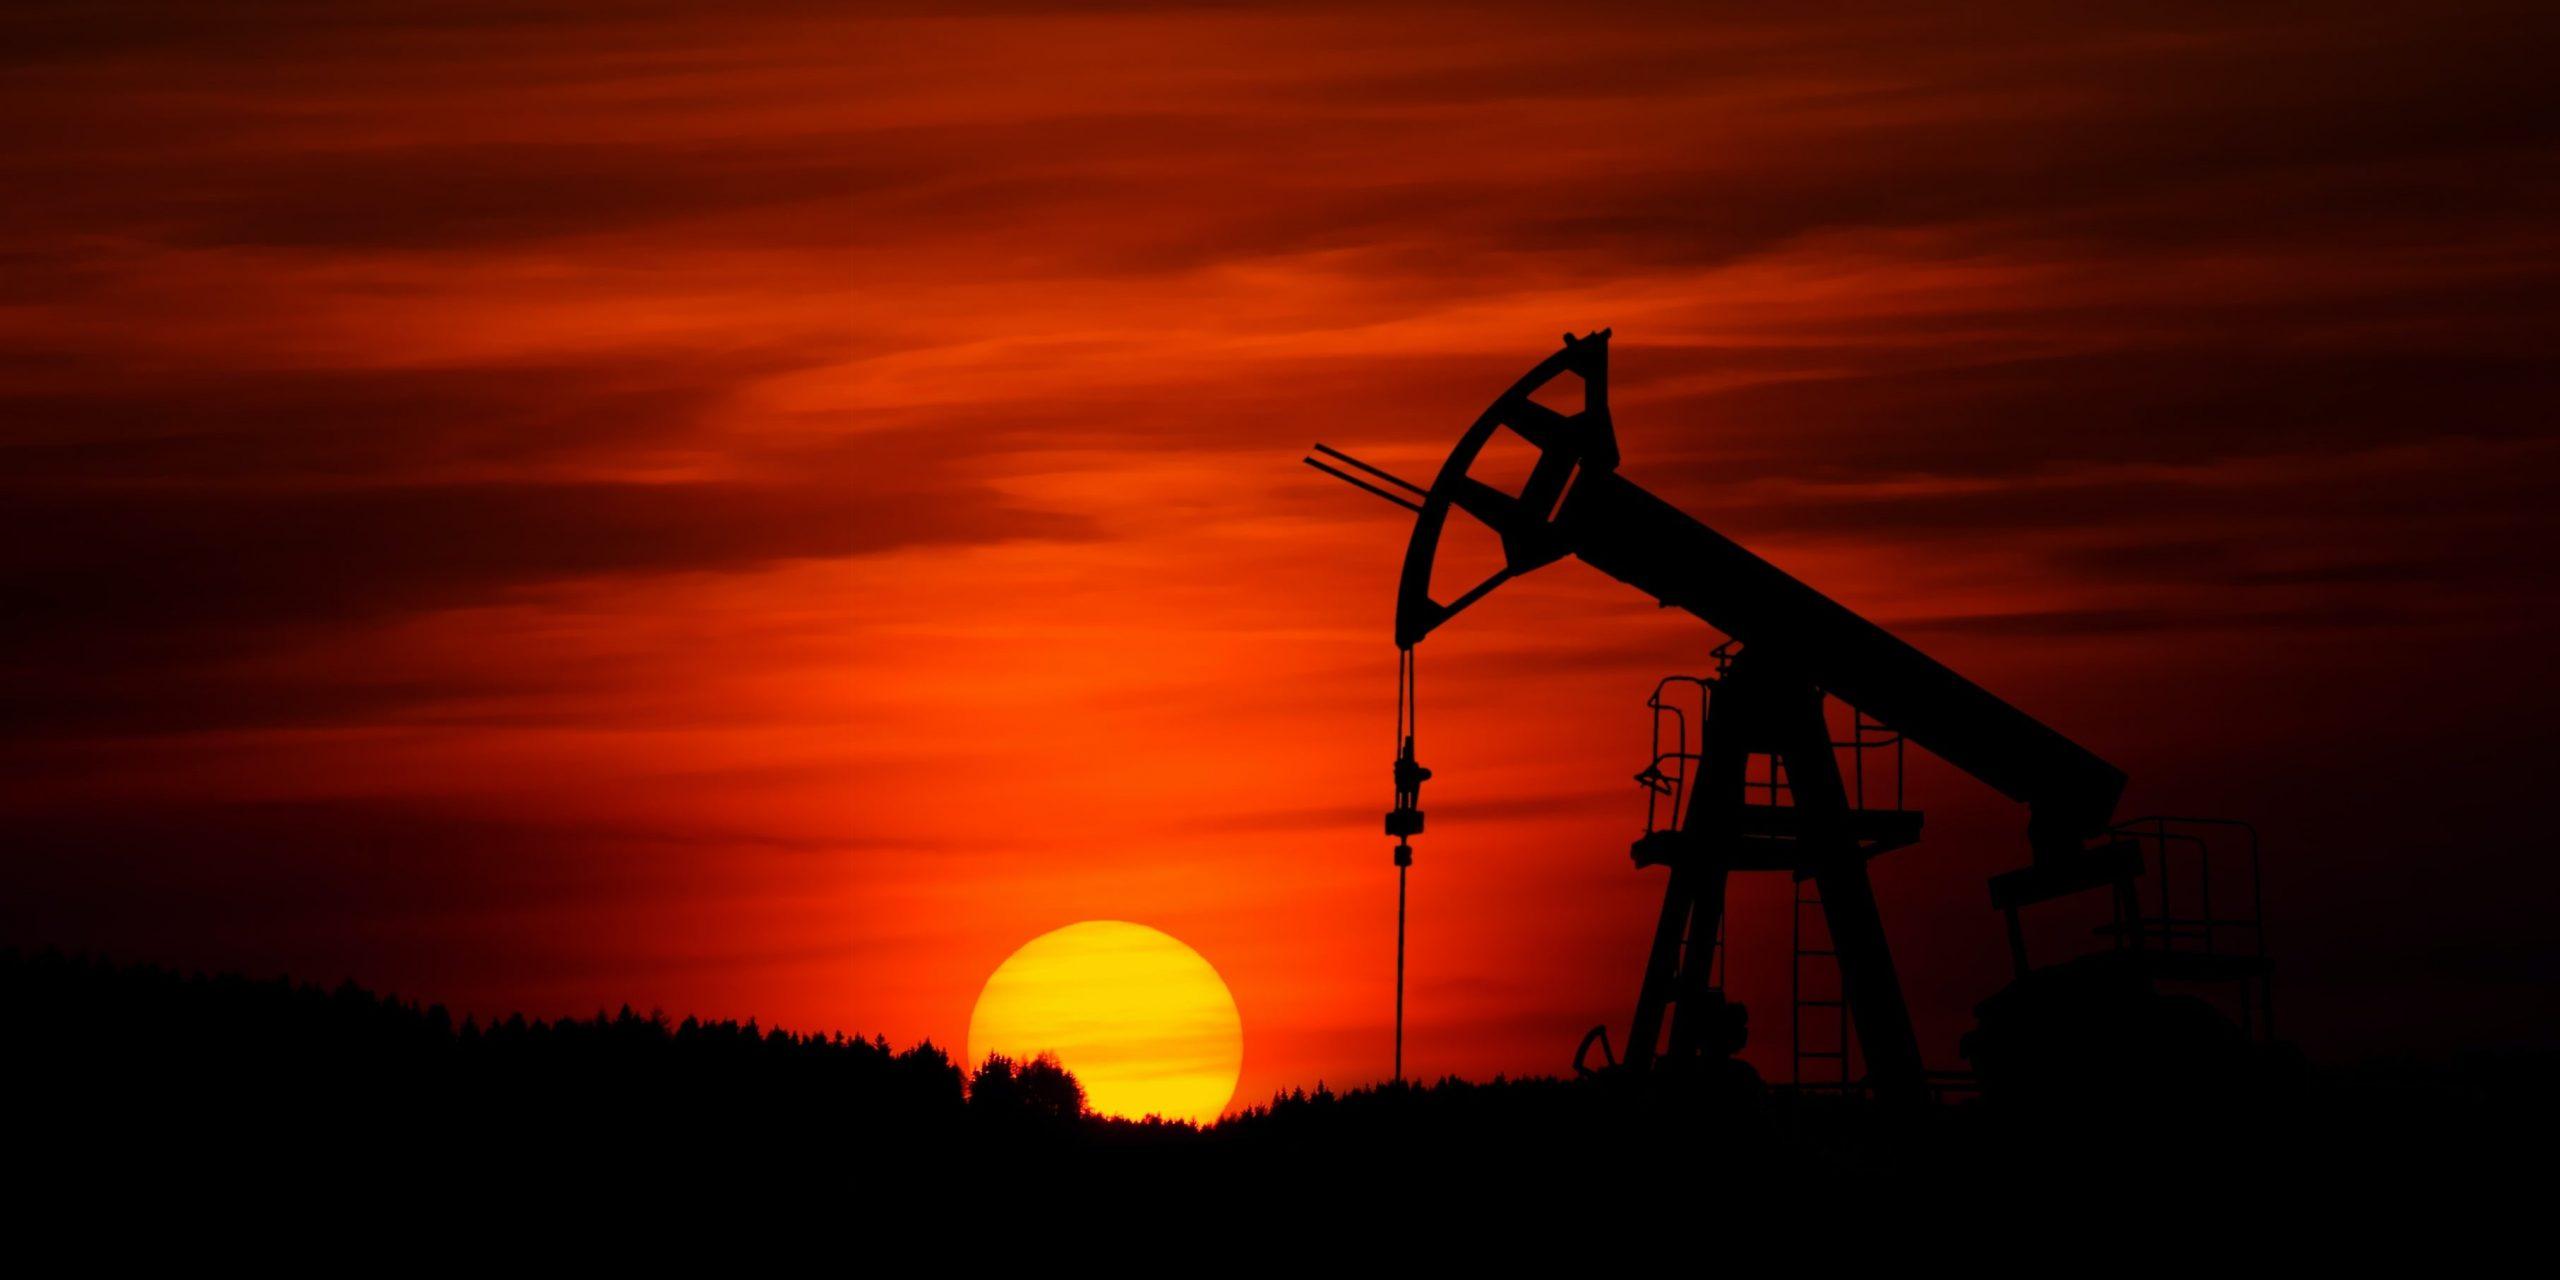 «Газпром нефть» намерена использовать искусственный интеллект для разработки масел